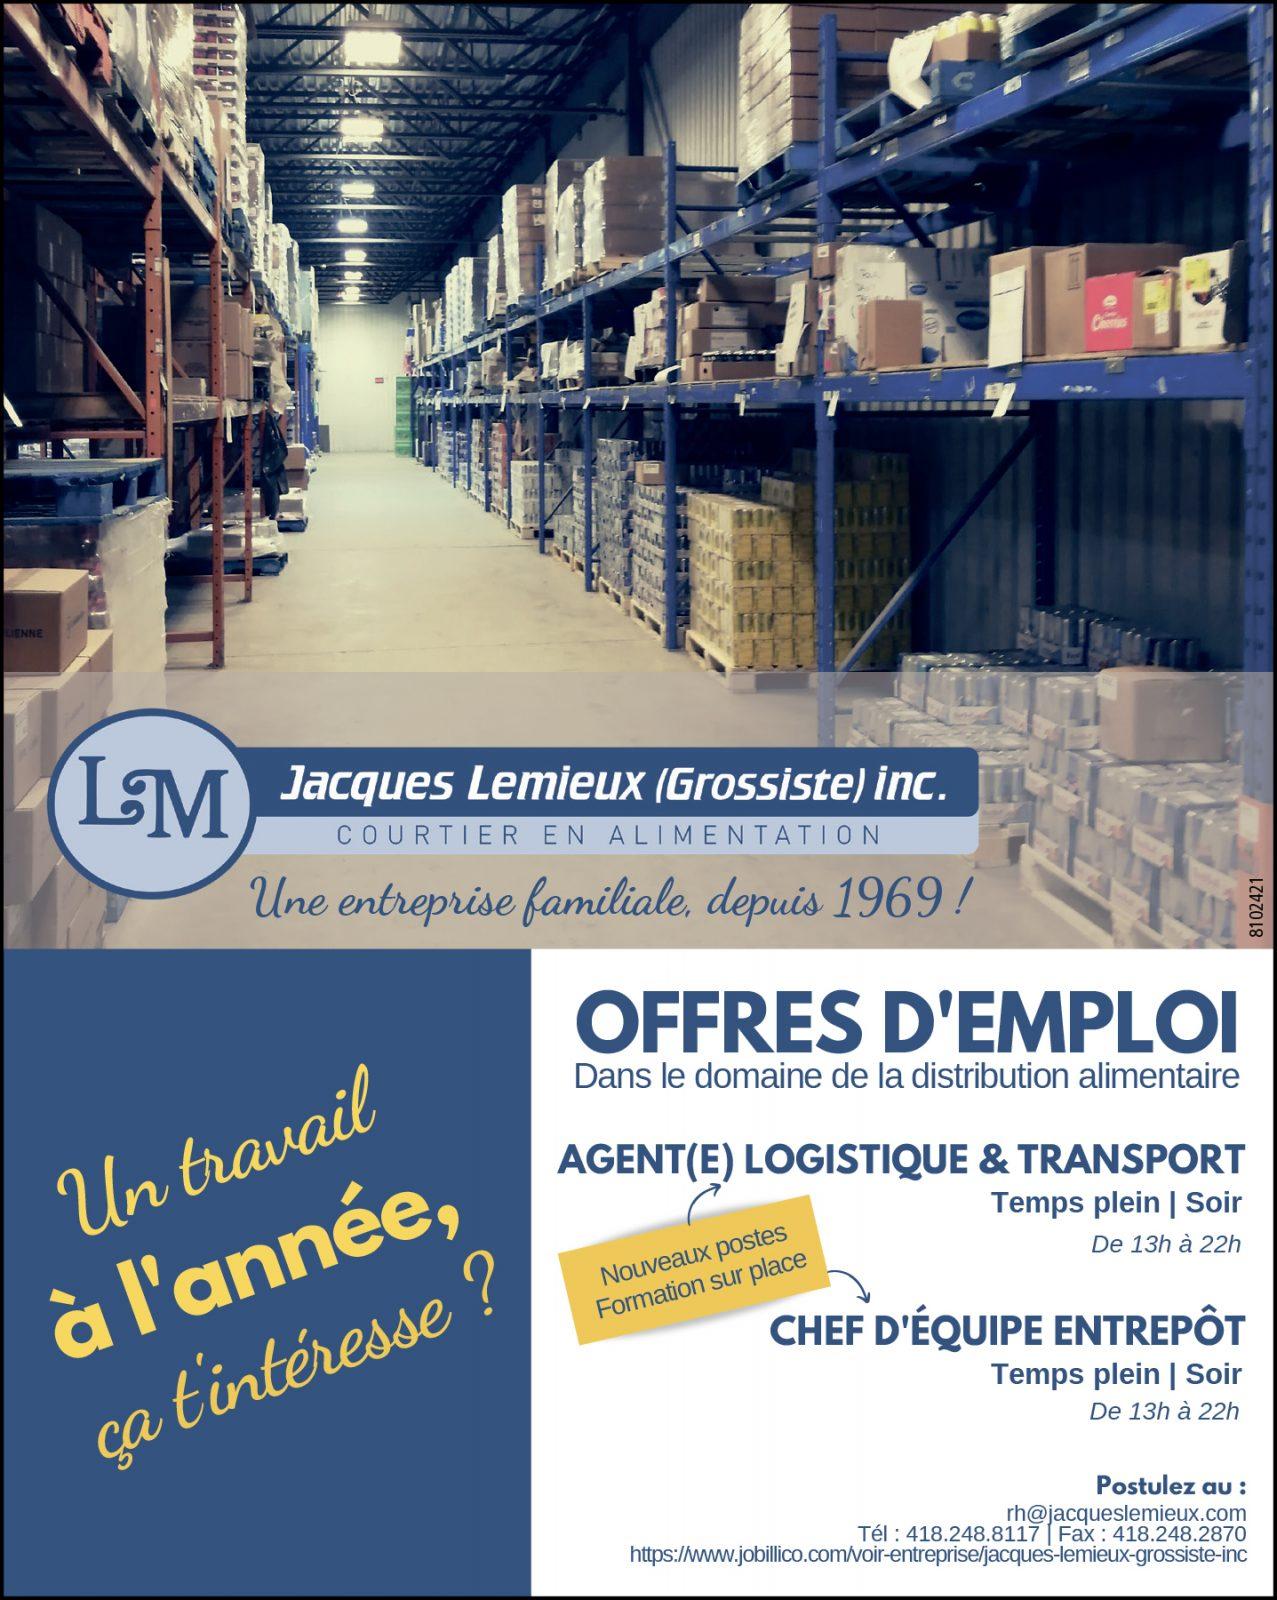 Agent(e) logistique & transport • Chef d'équipe entrepôt